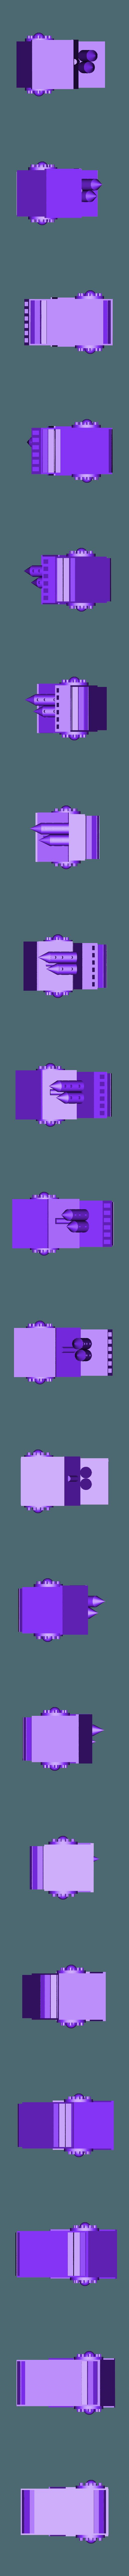 mega_gargant_rear_tracks.stl Télécharger fichier STL gratuit Ork Mega Gargant Epic 40k proxy model 6mm Titanicus • Modèle pour imprimante 3D, redstarkits